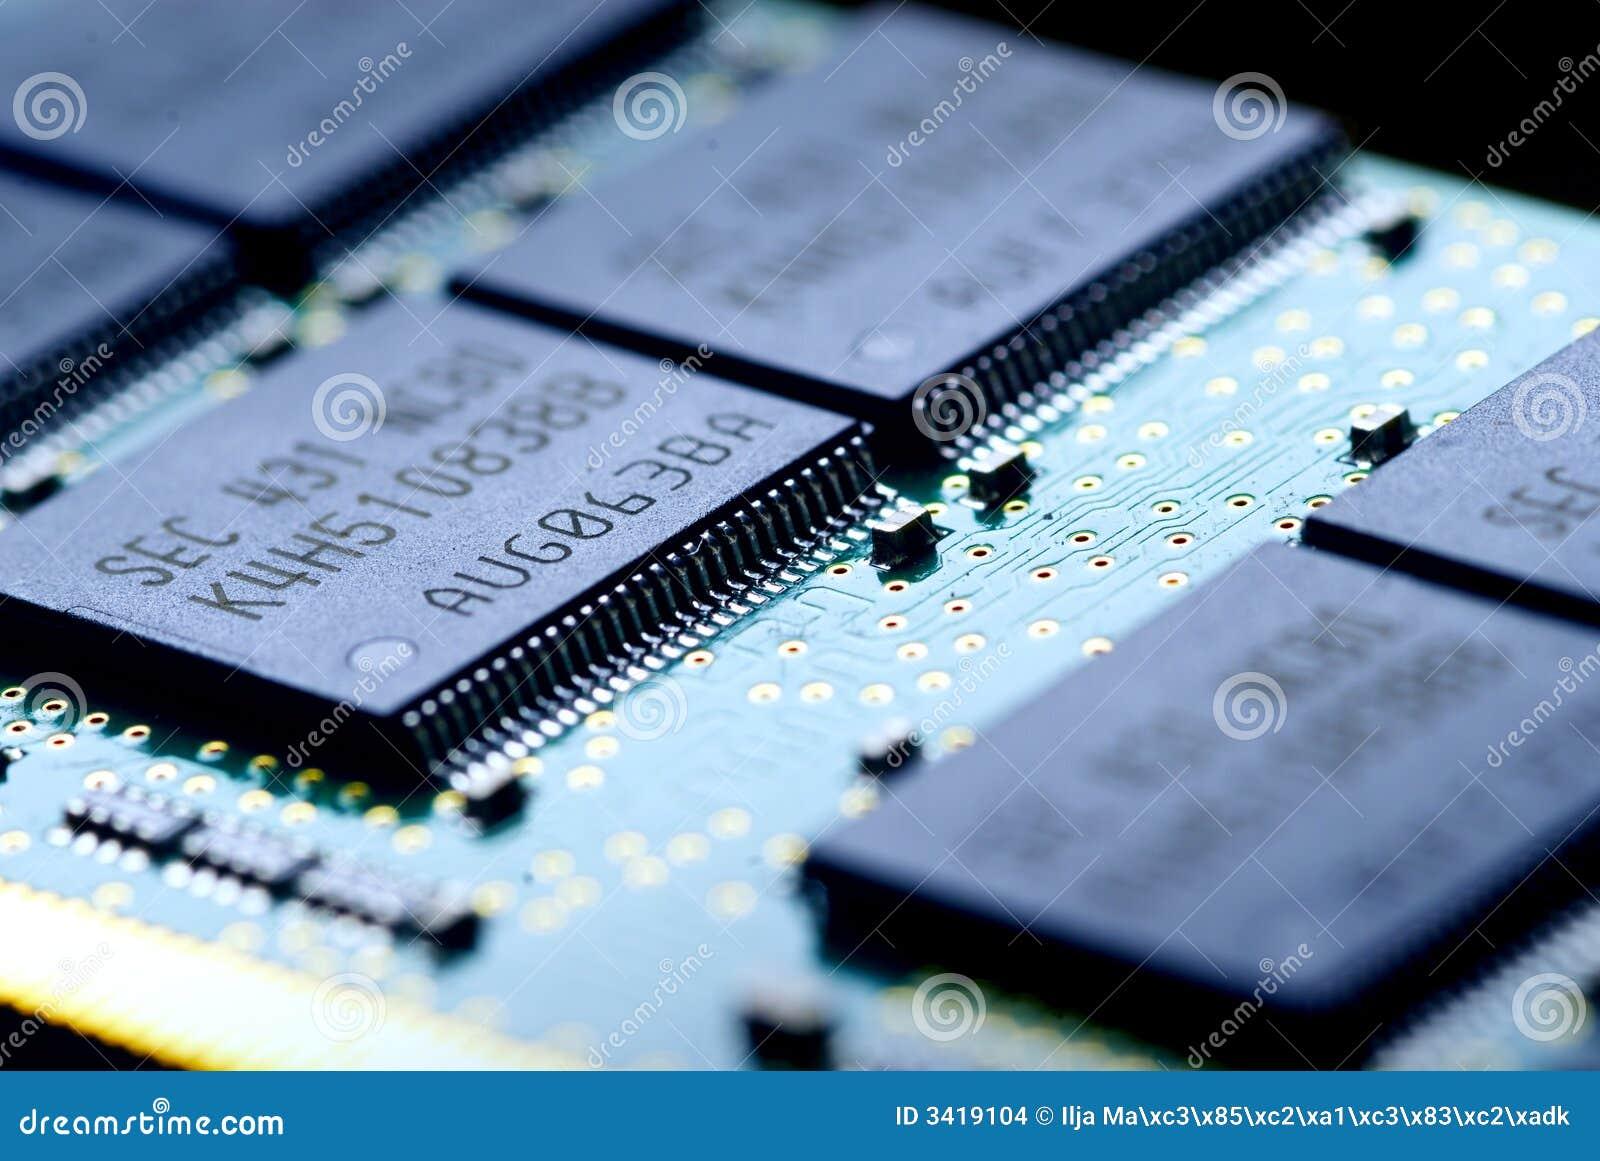 Die Elektroniktechnologie